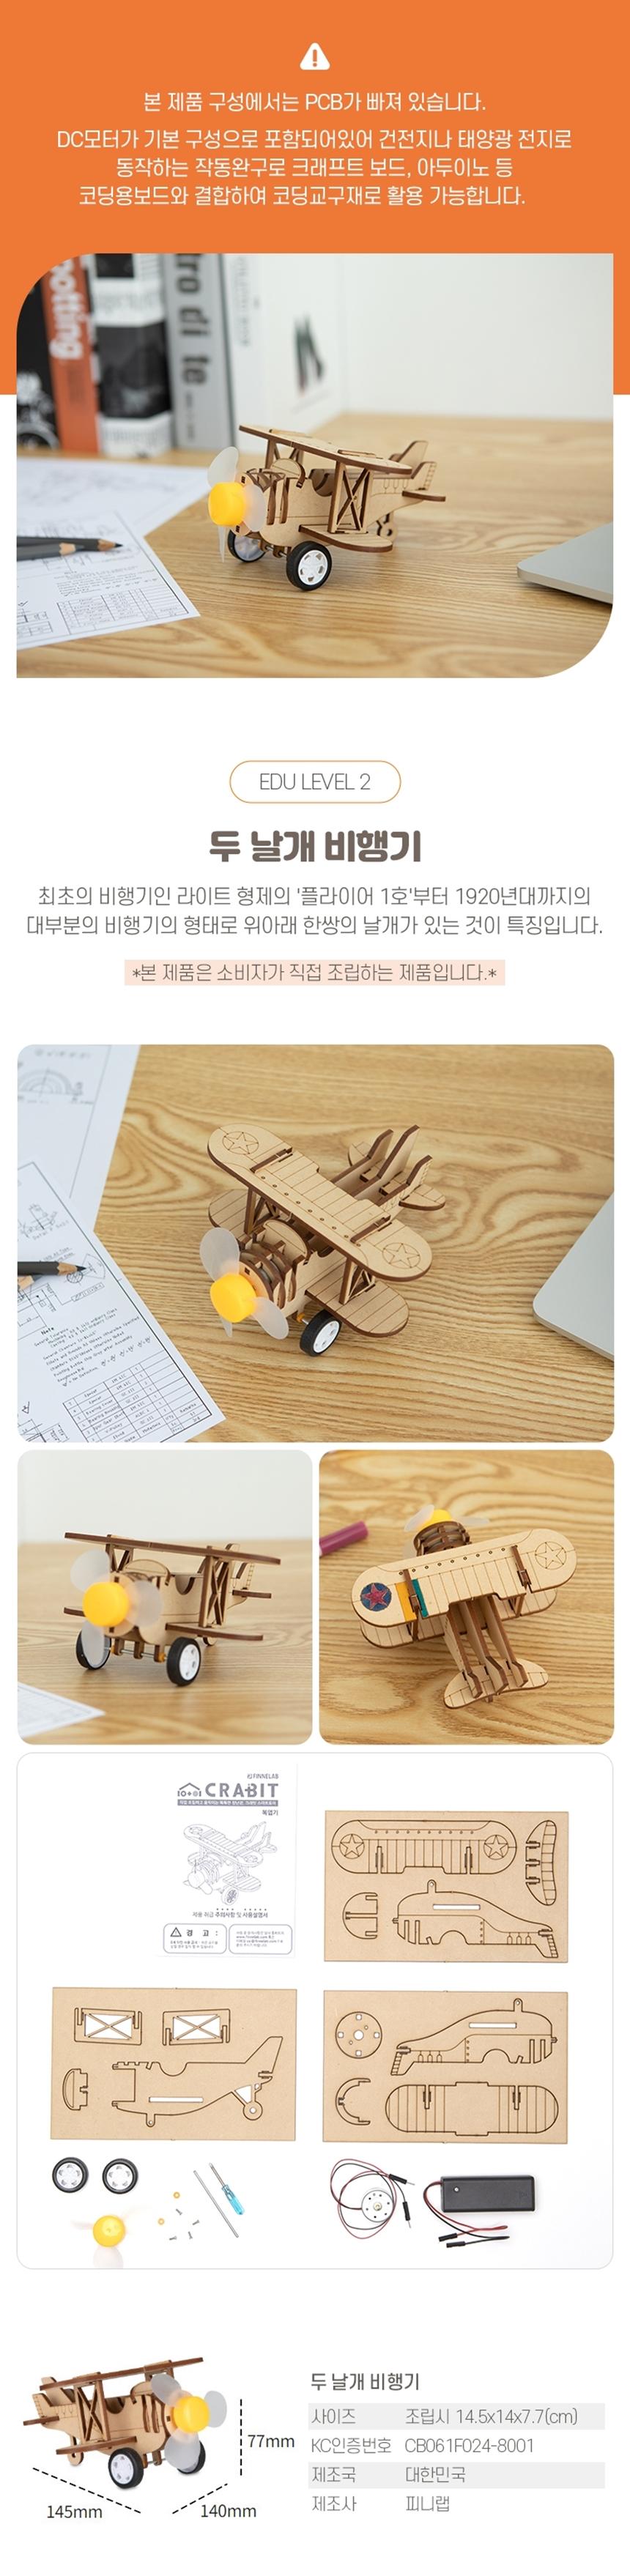 7두날개 비행기.jpg